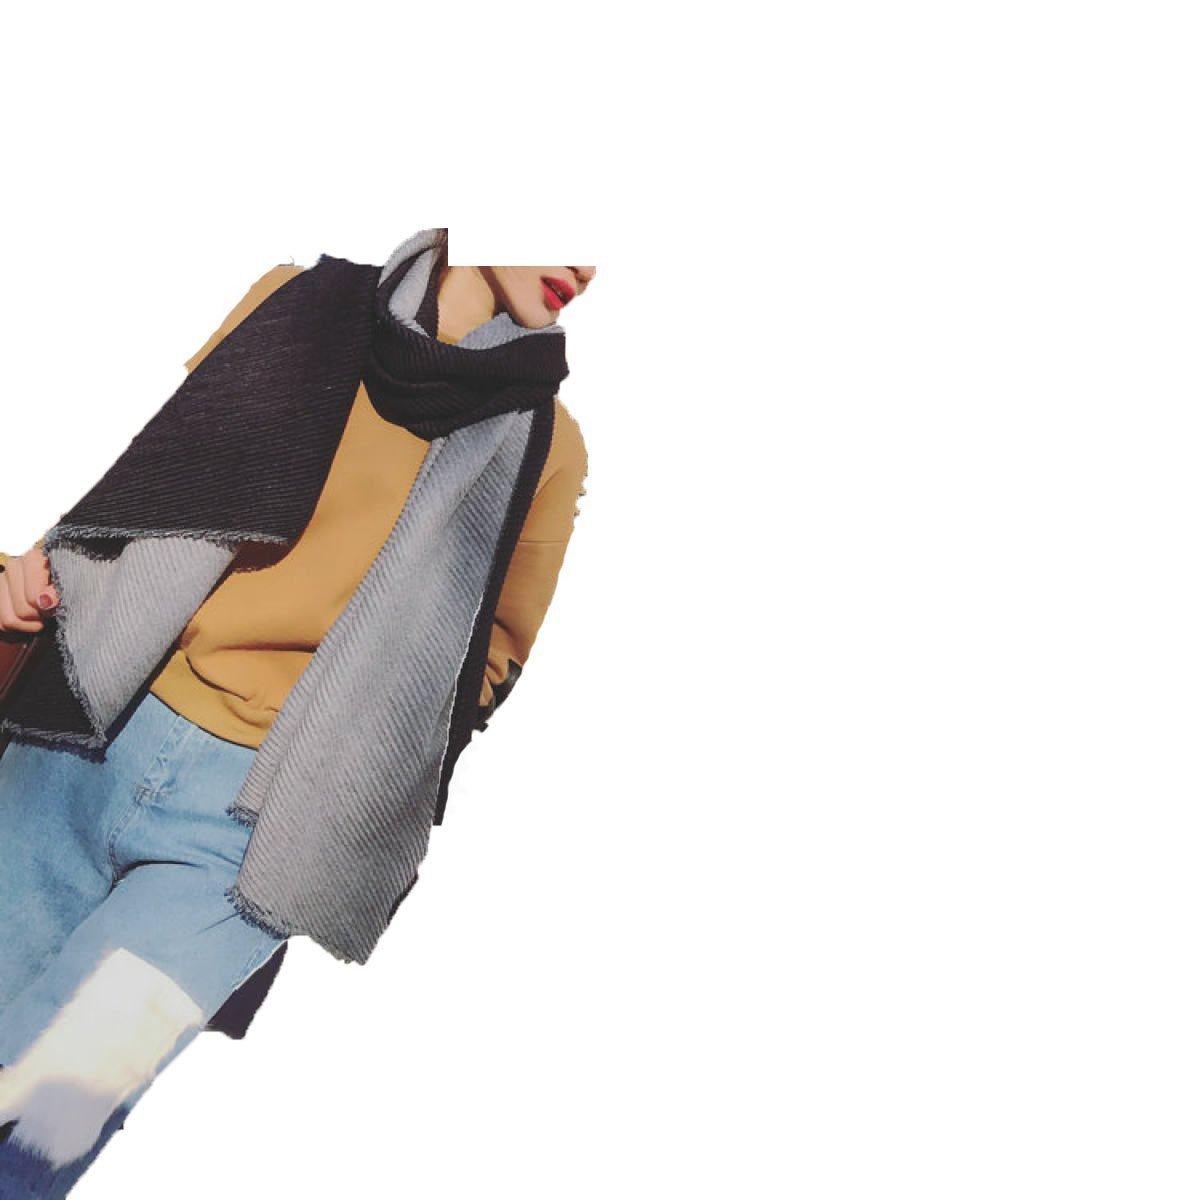 DIDIDD Bufanda doble pliegue de doble cara que espesa el chal grande caliente,Negro,190 * 65cm